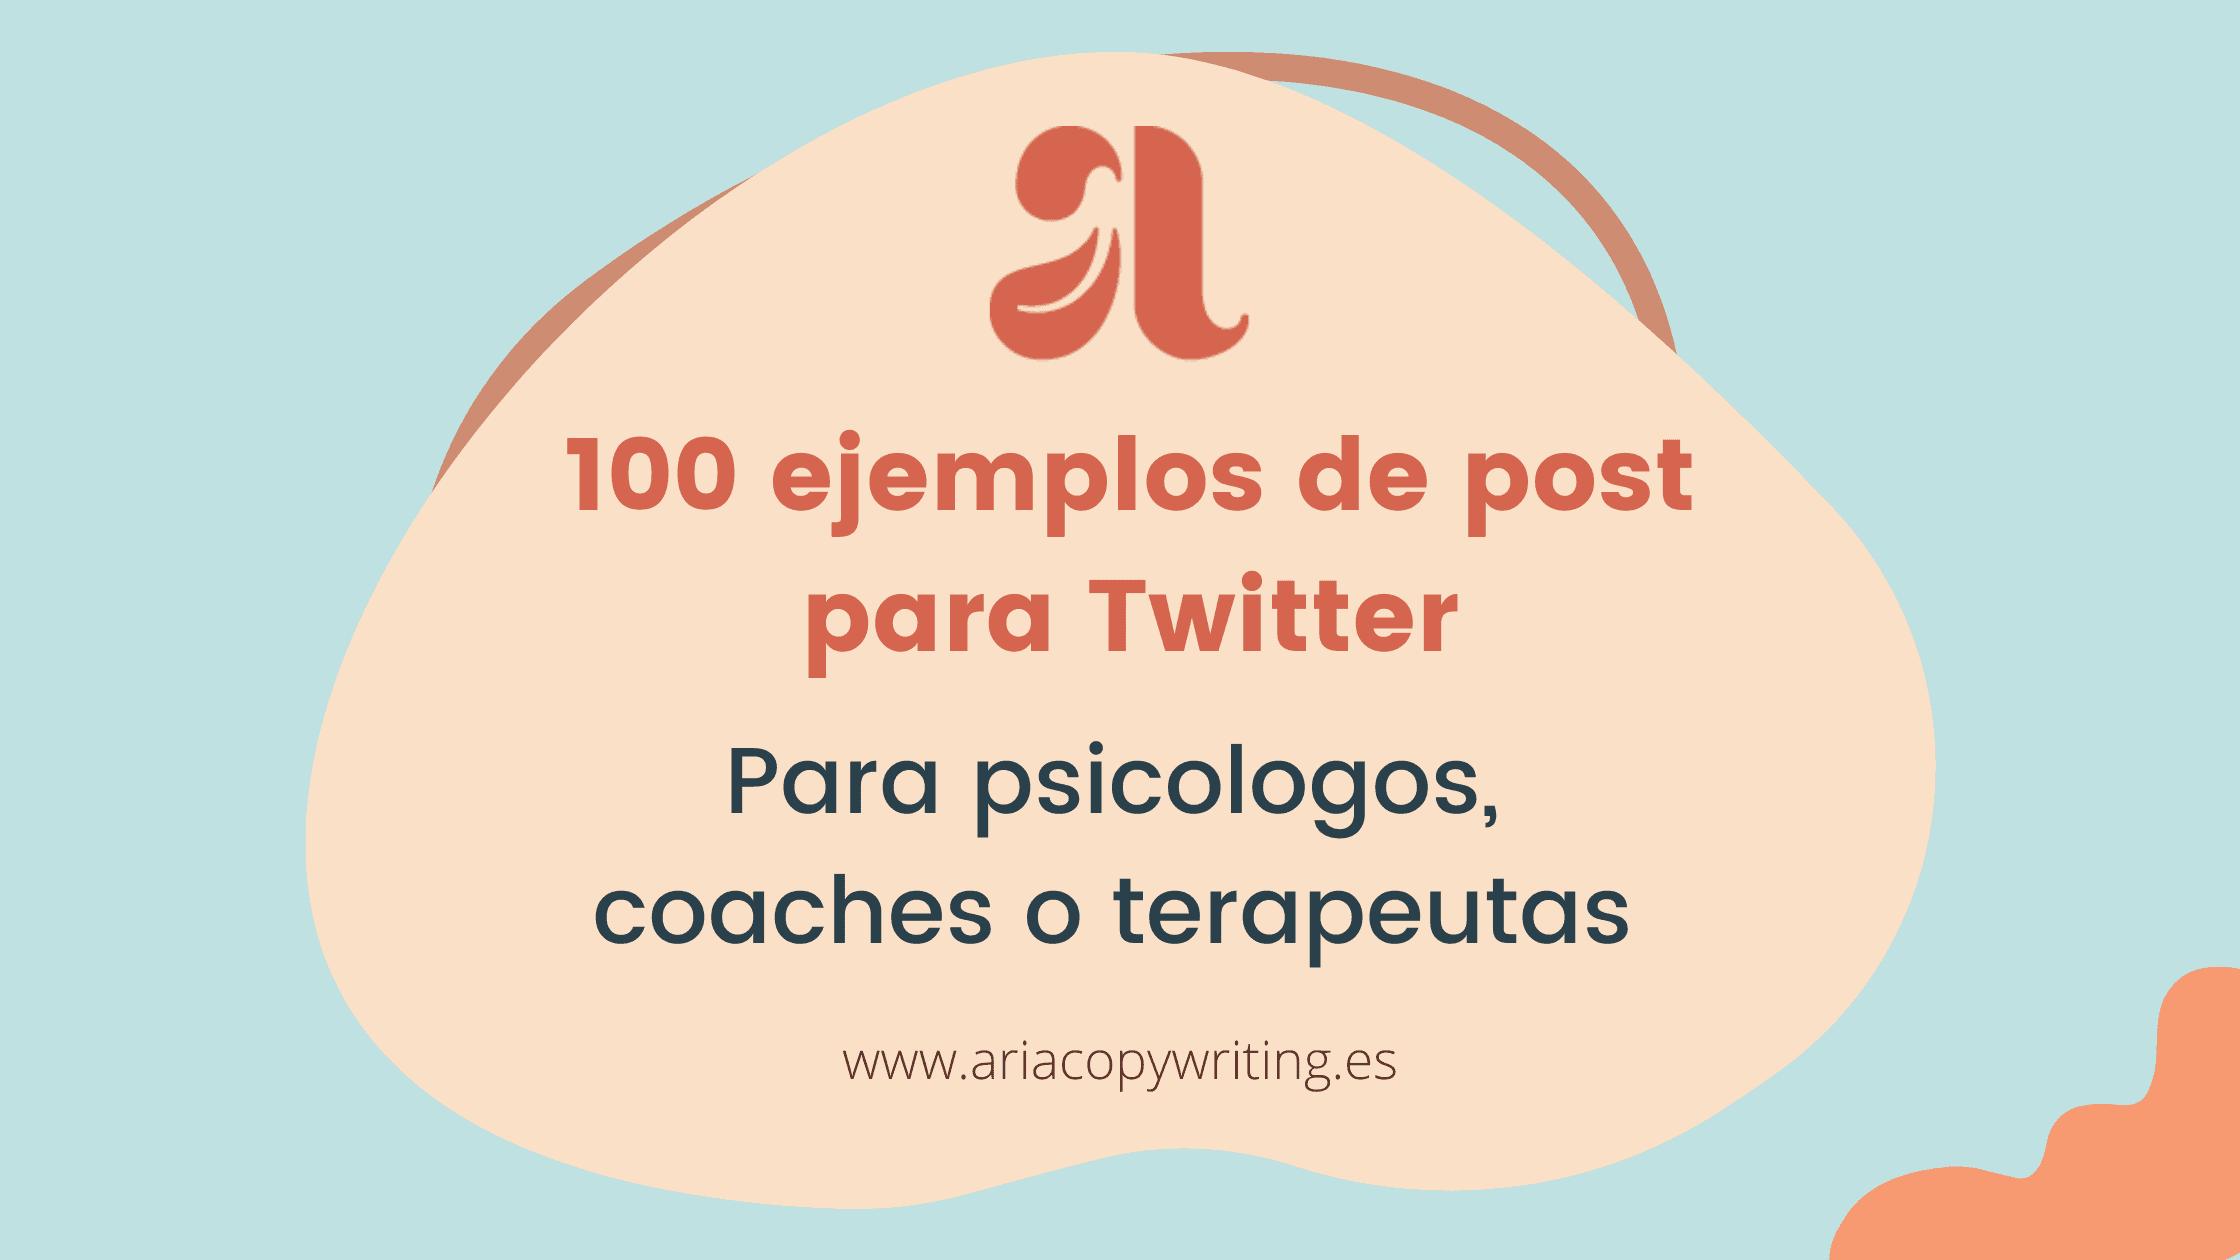 100 ejemplos de post para Twitter